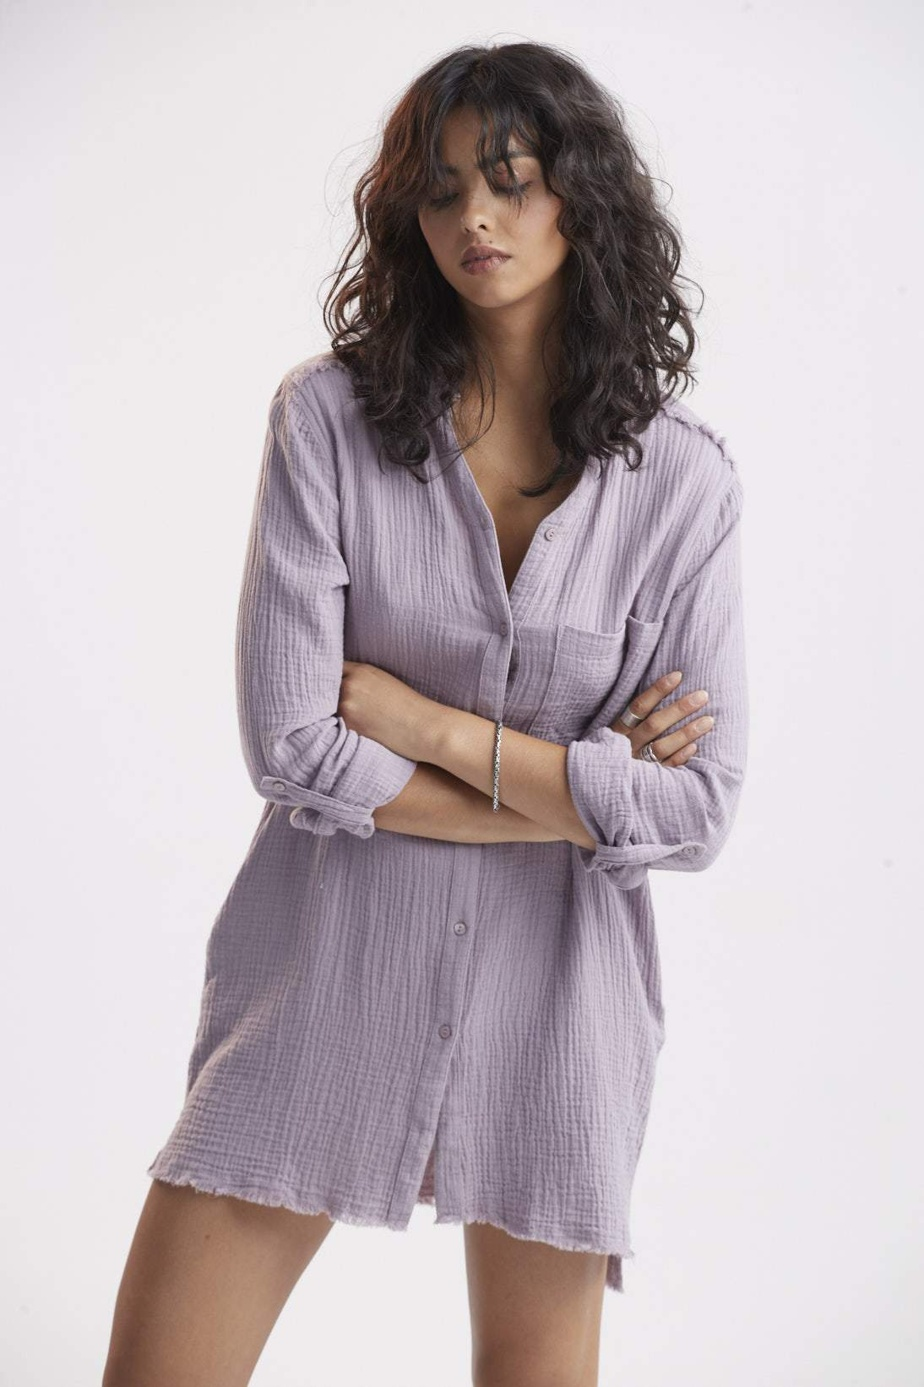 Le pastel est à l'honneur aussi chez Mélissa Nepton, qui propose notamment cette robe lilas en gaze de coton (184$).